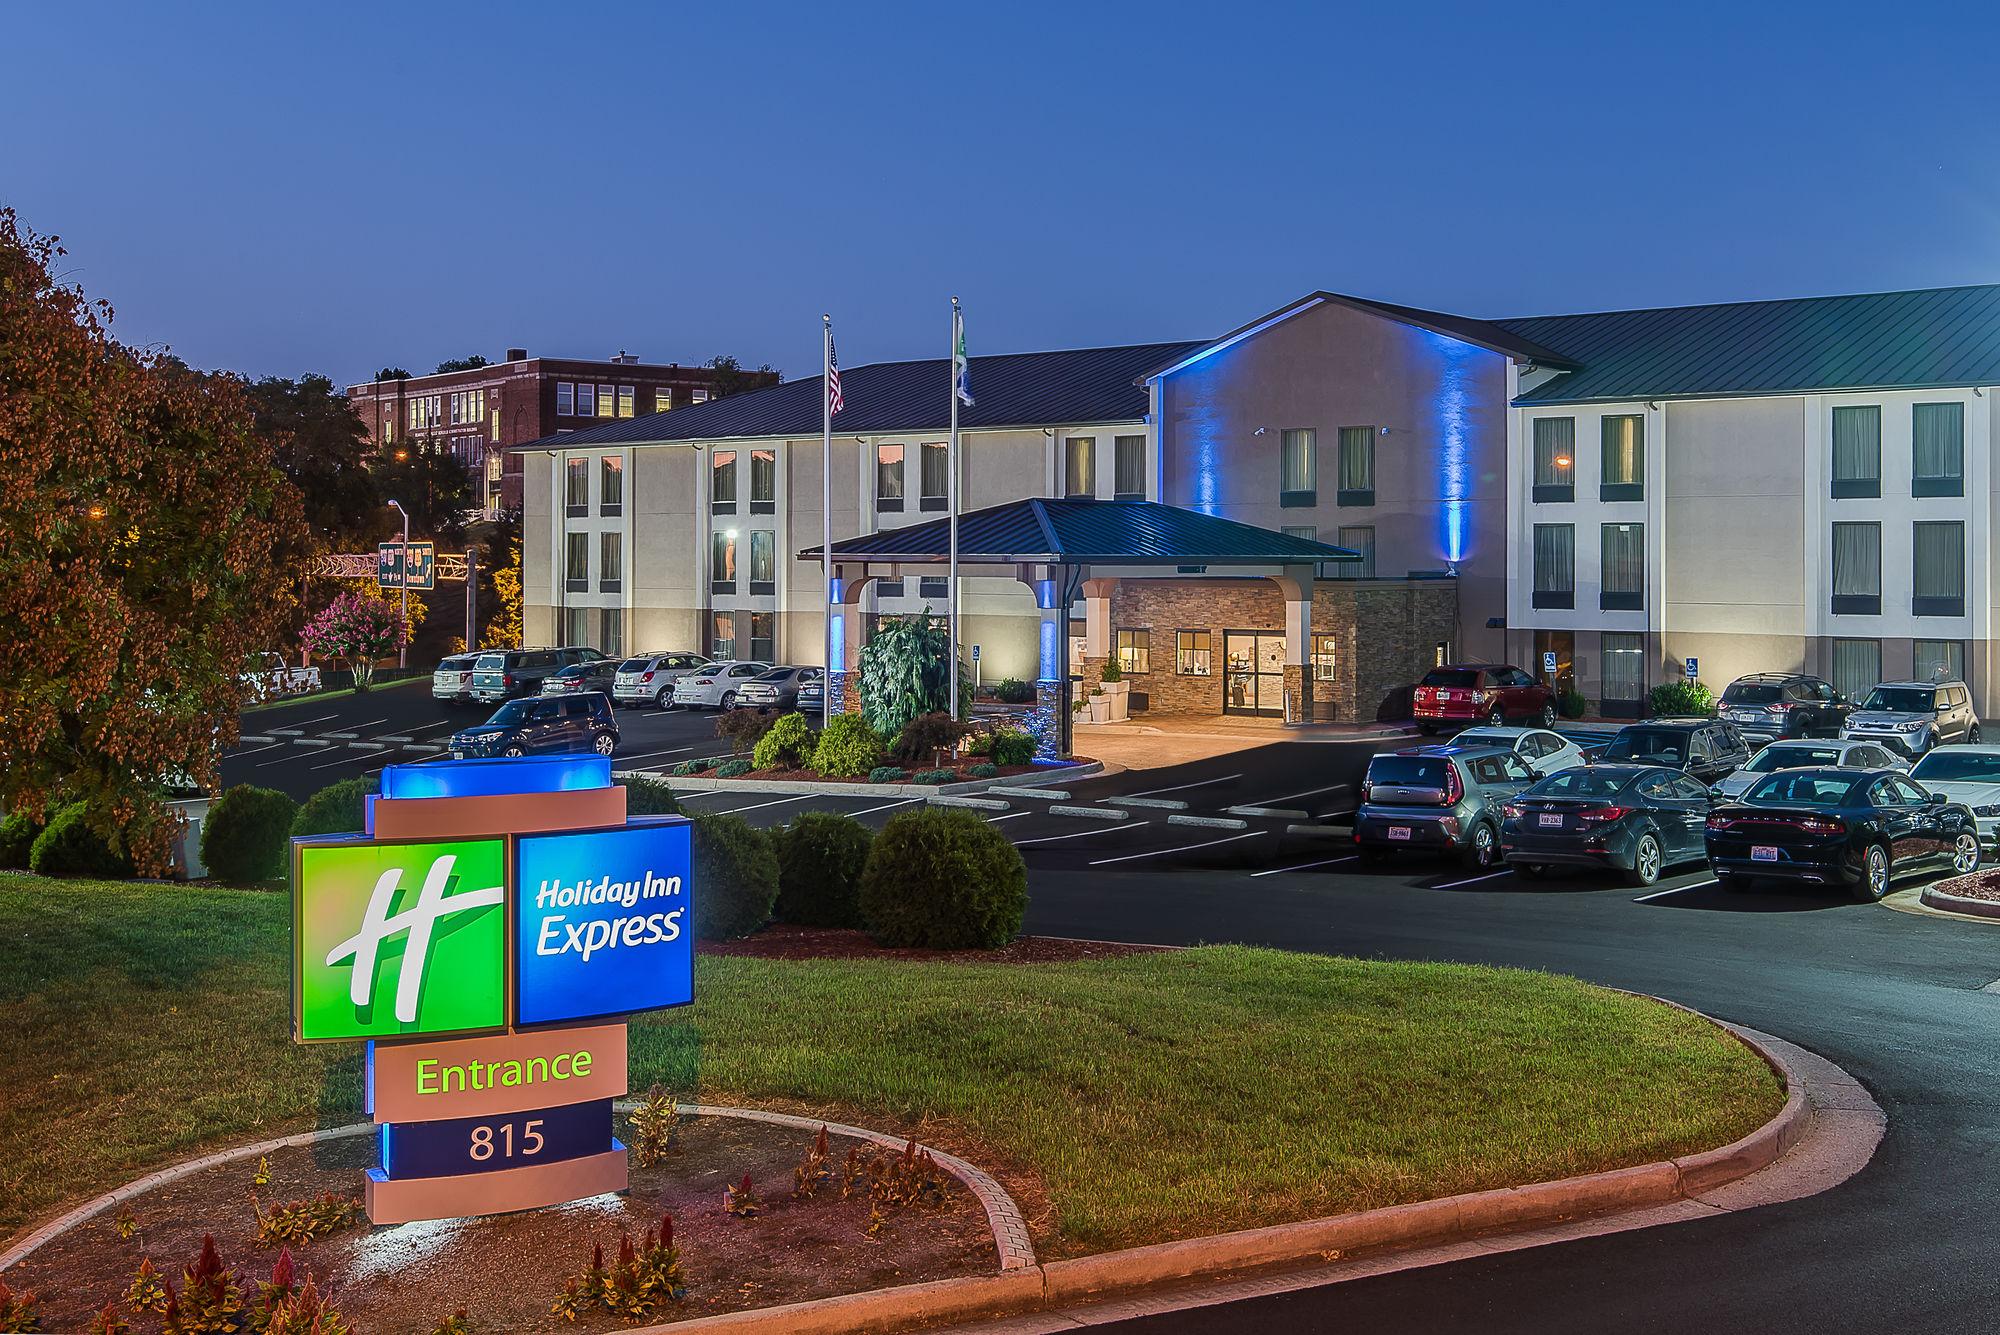 Comfort Inn Roanoke-Civic Center in Roanoke, VA